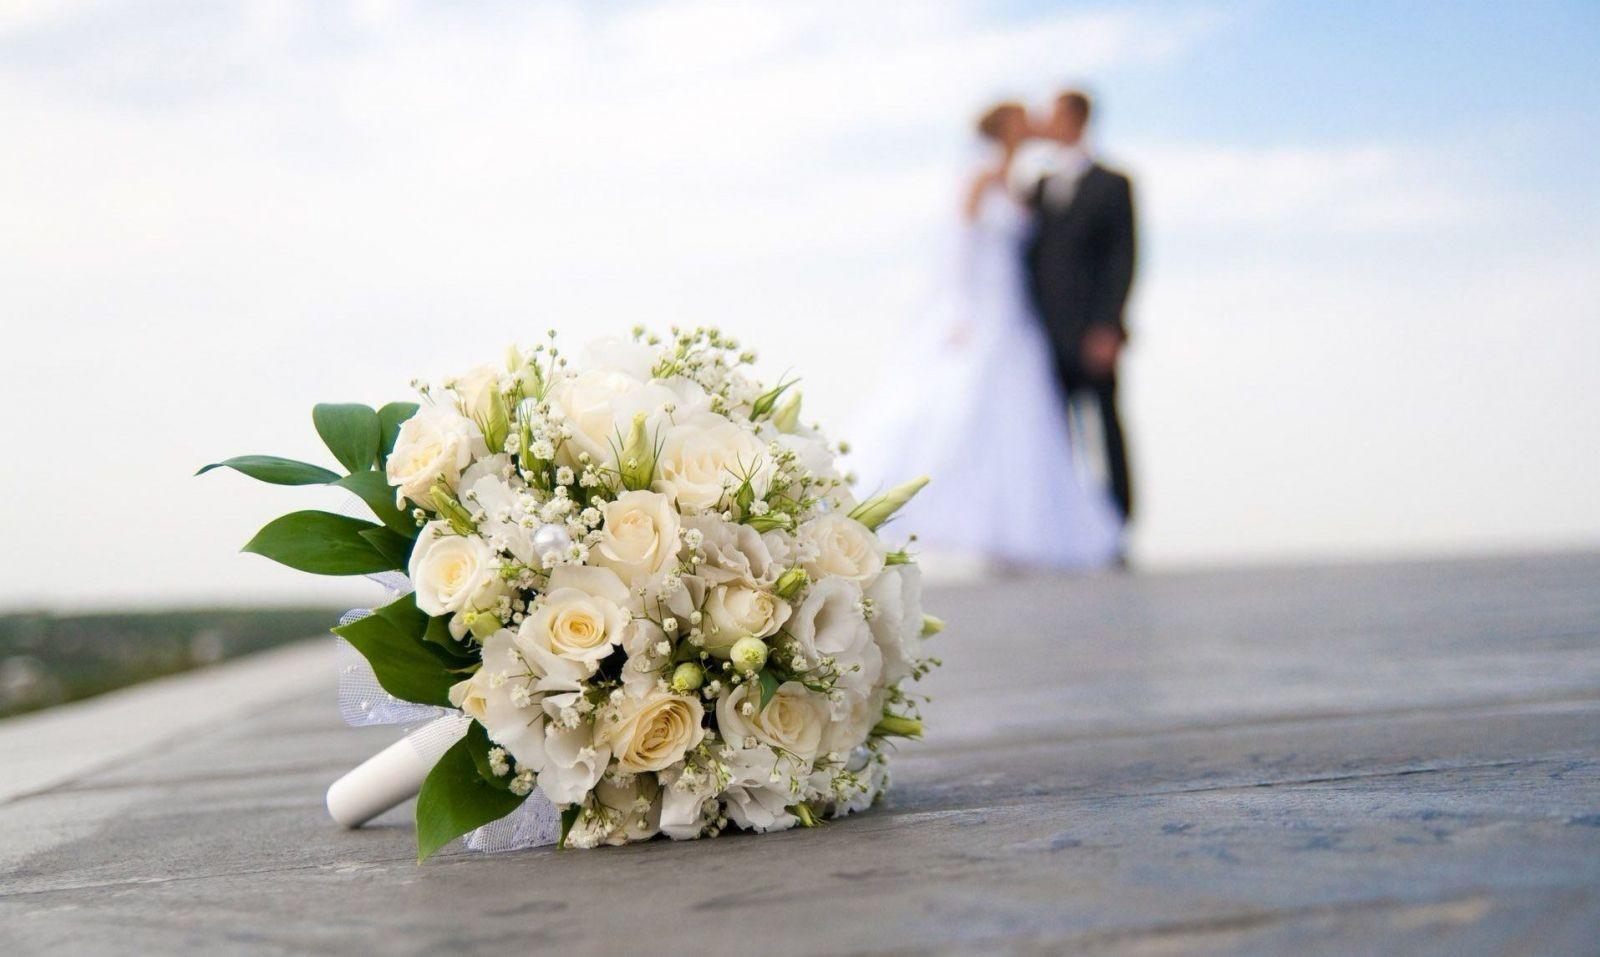 Ученые назвали худший день для свадьбы